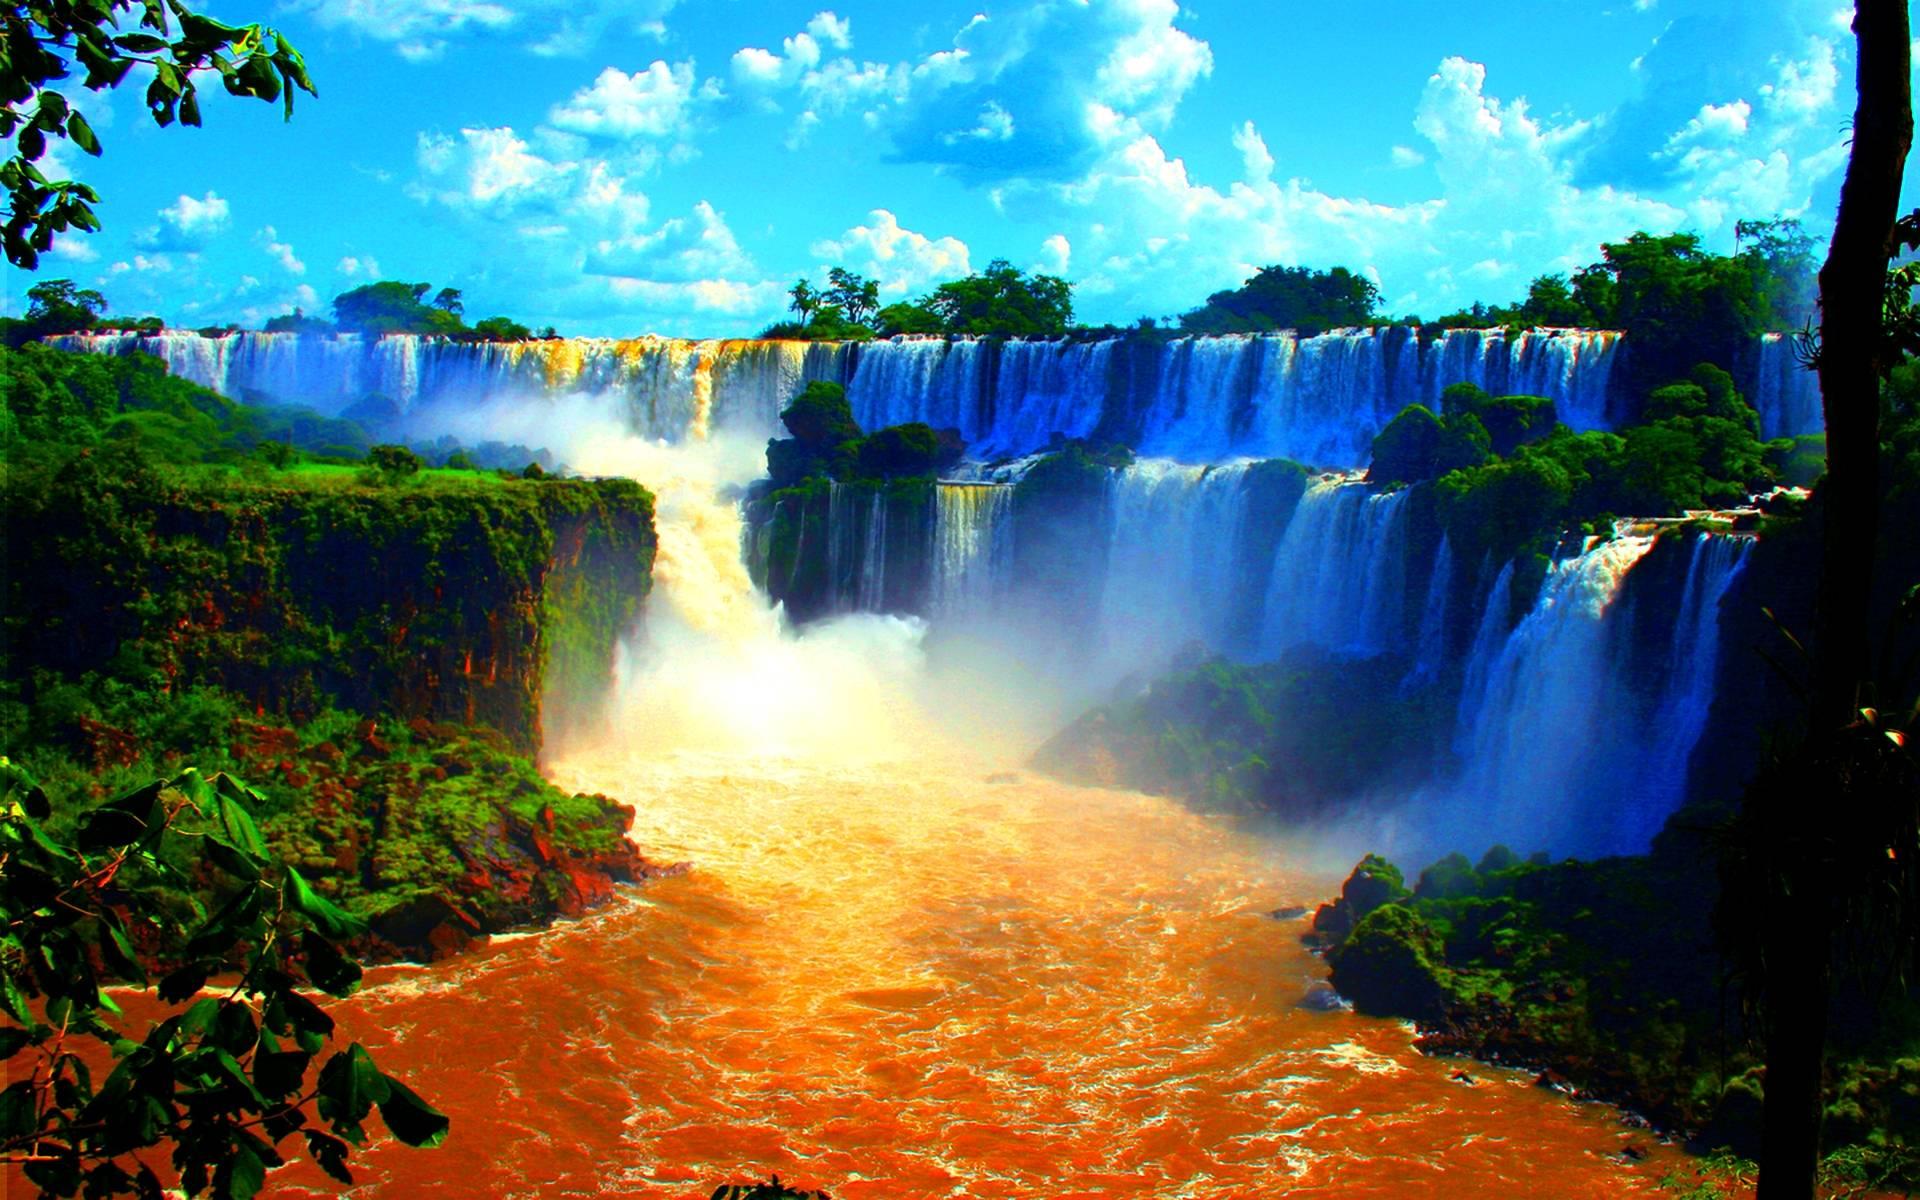 Niagara Falls Wallpaper Free Download Victoria Falls Wallpapers Wallpaper Cave